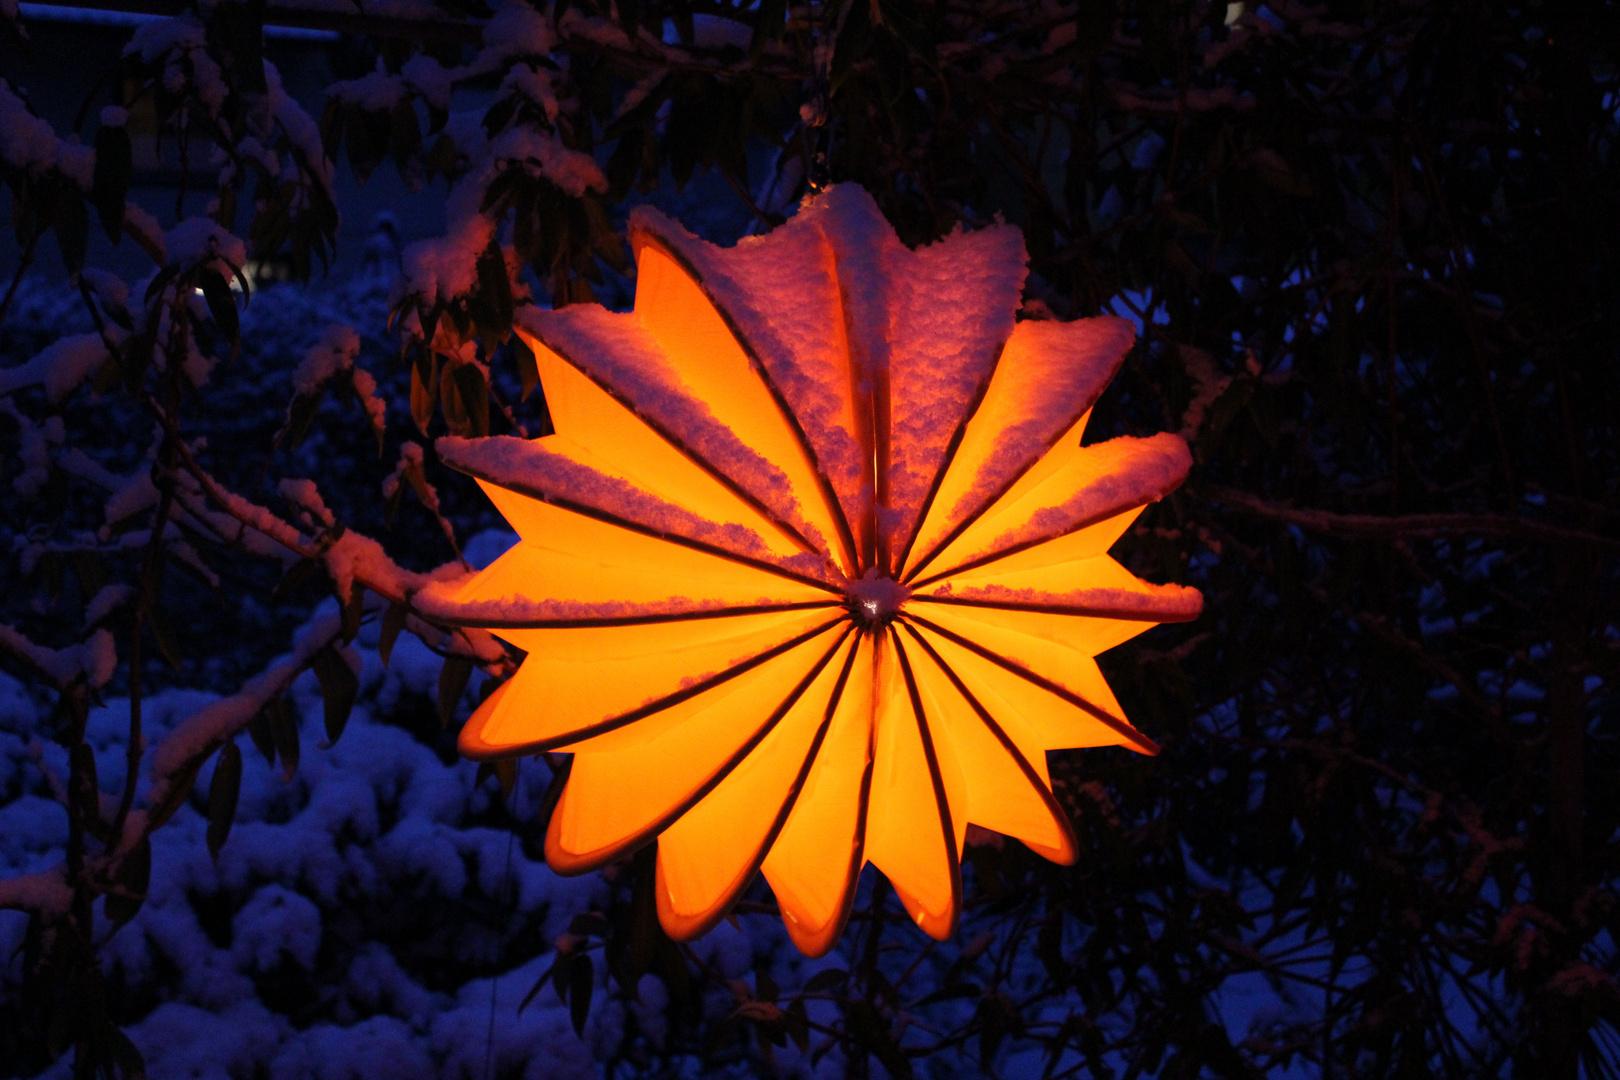 Beleuchteter wetterfester Lampion bei Nacht